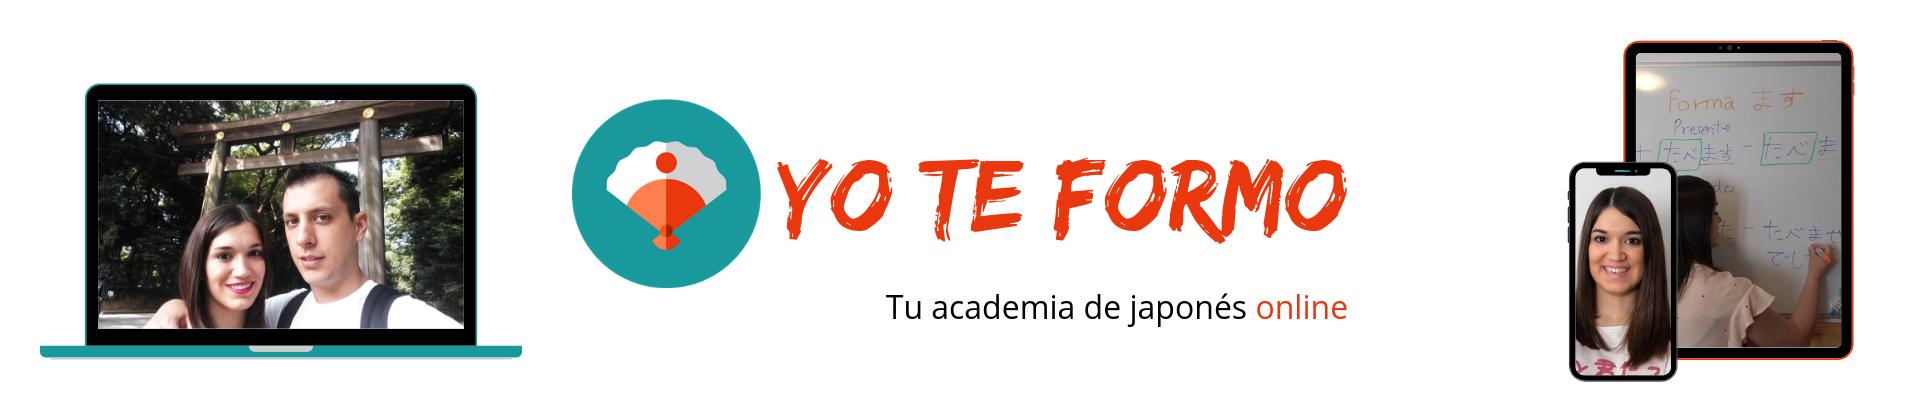 Academia de japonés online Yo te formo